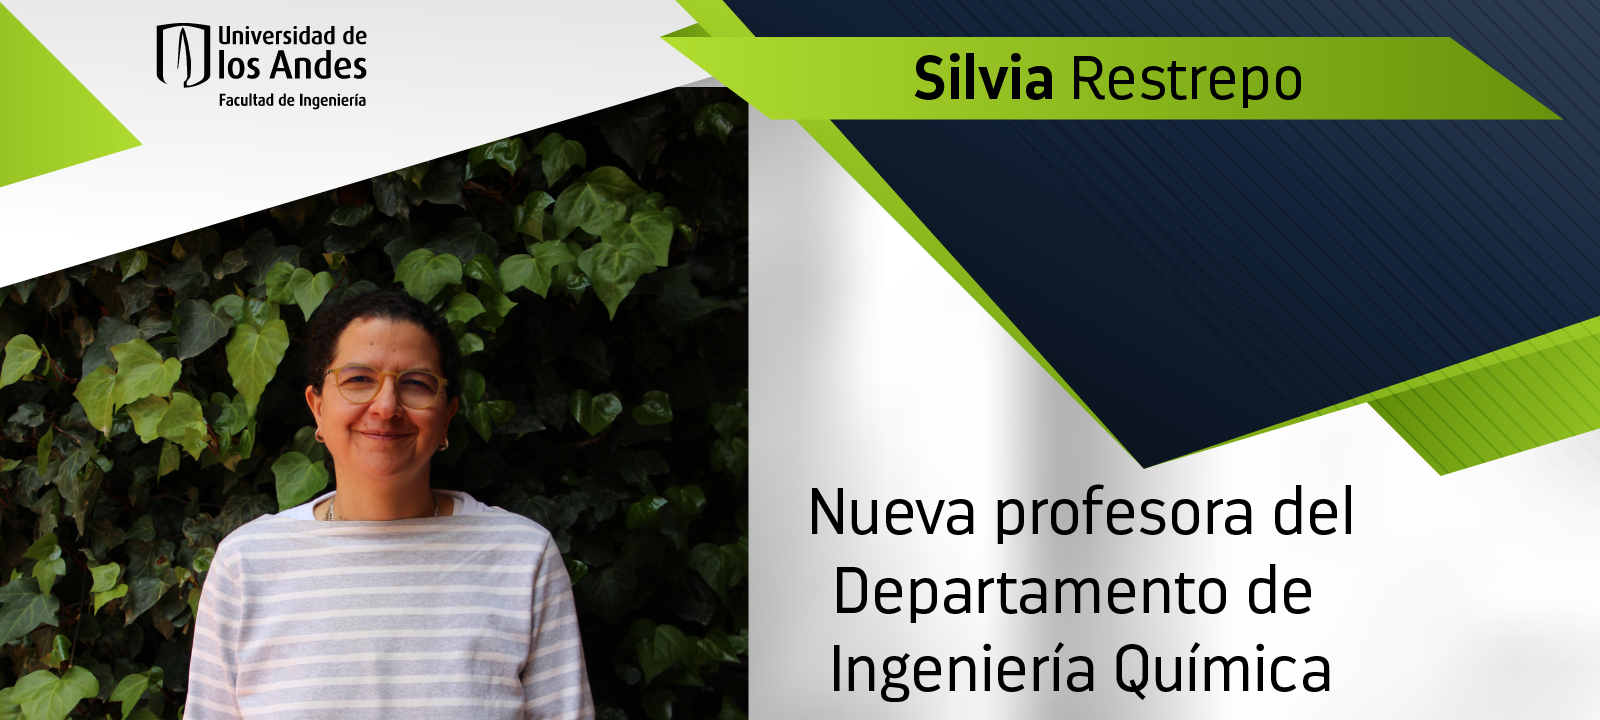 Profesora Silvia Restrepo, nueva profesora del Departamento de Ingeniería Química   Uniandes